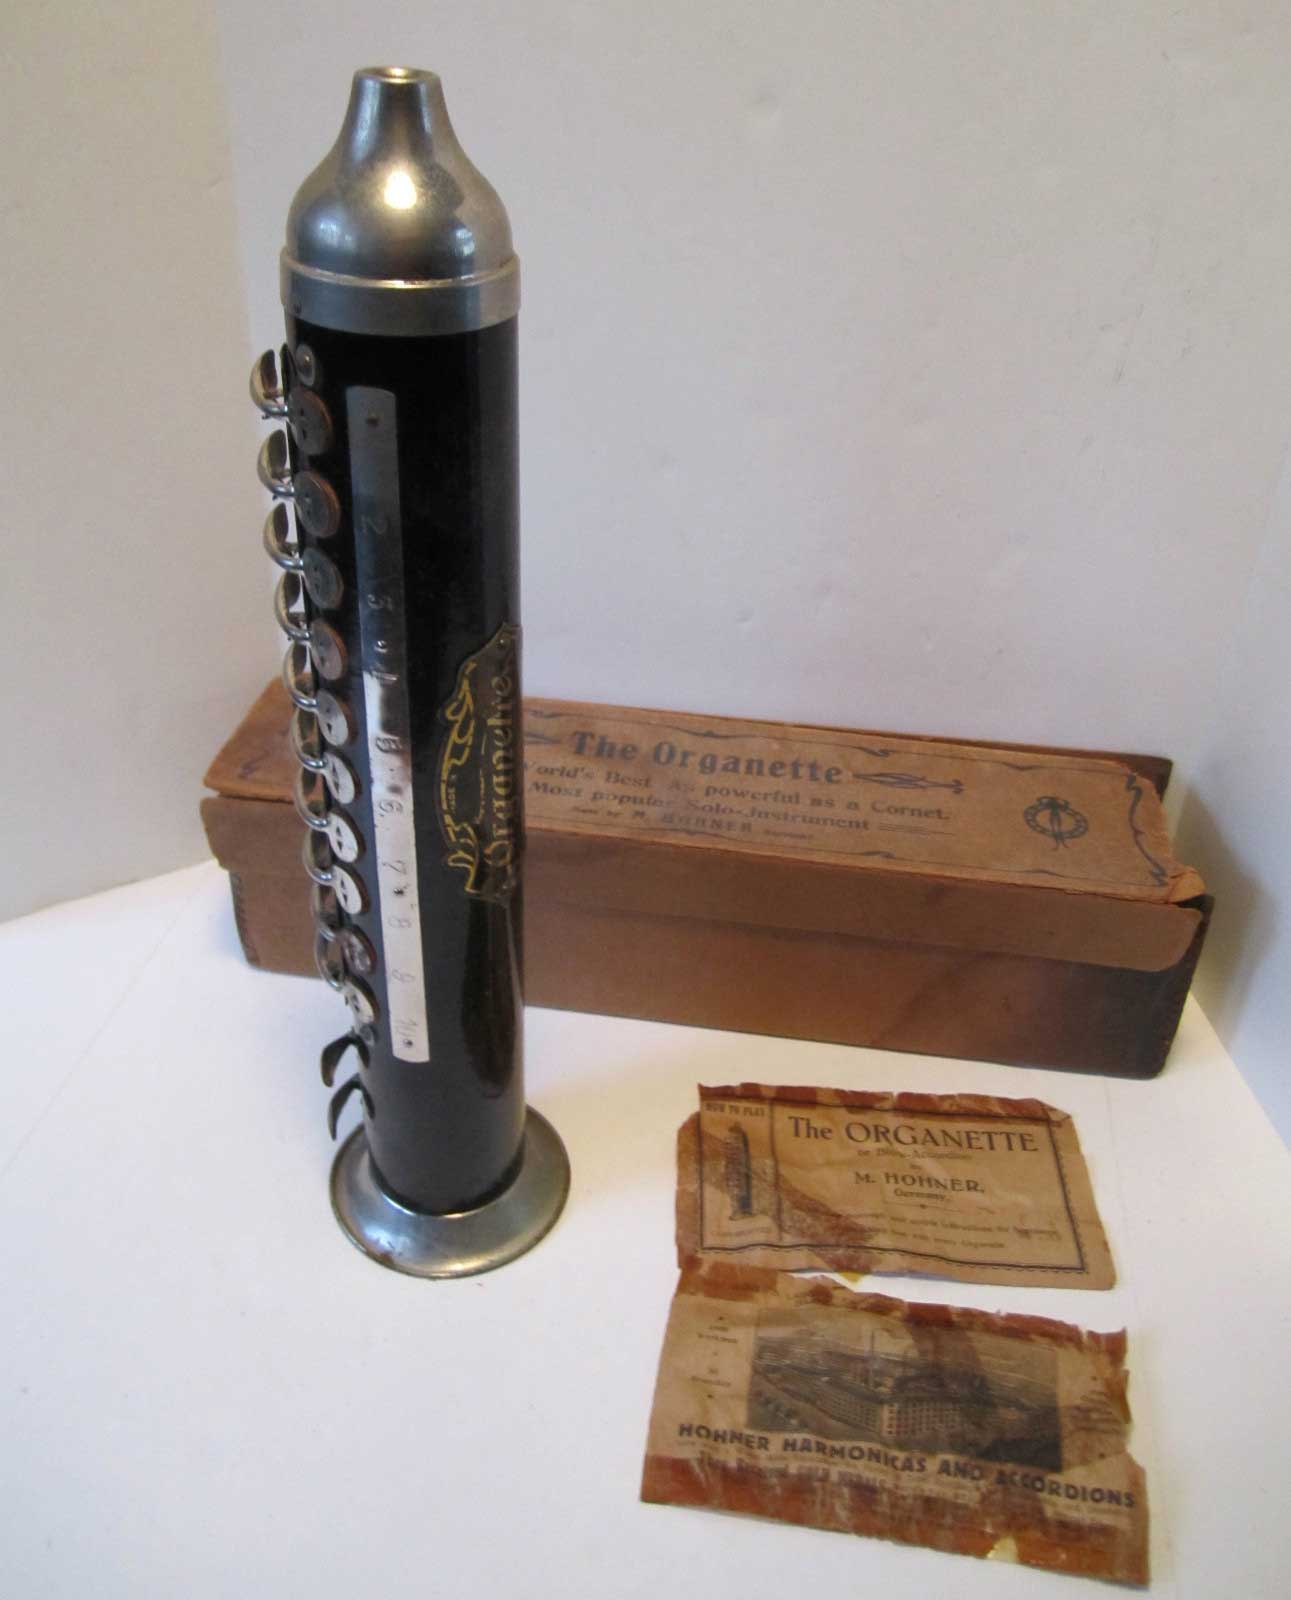 Organette, Hohner, blow accordion, vintage, German, original box, original information sheet